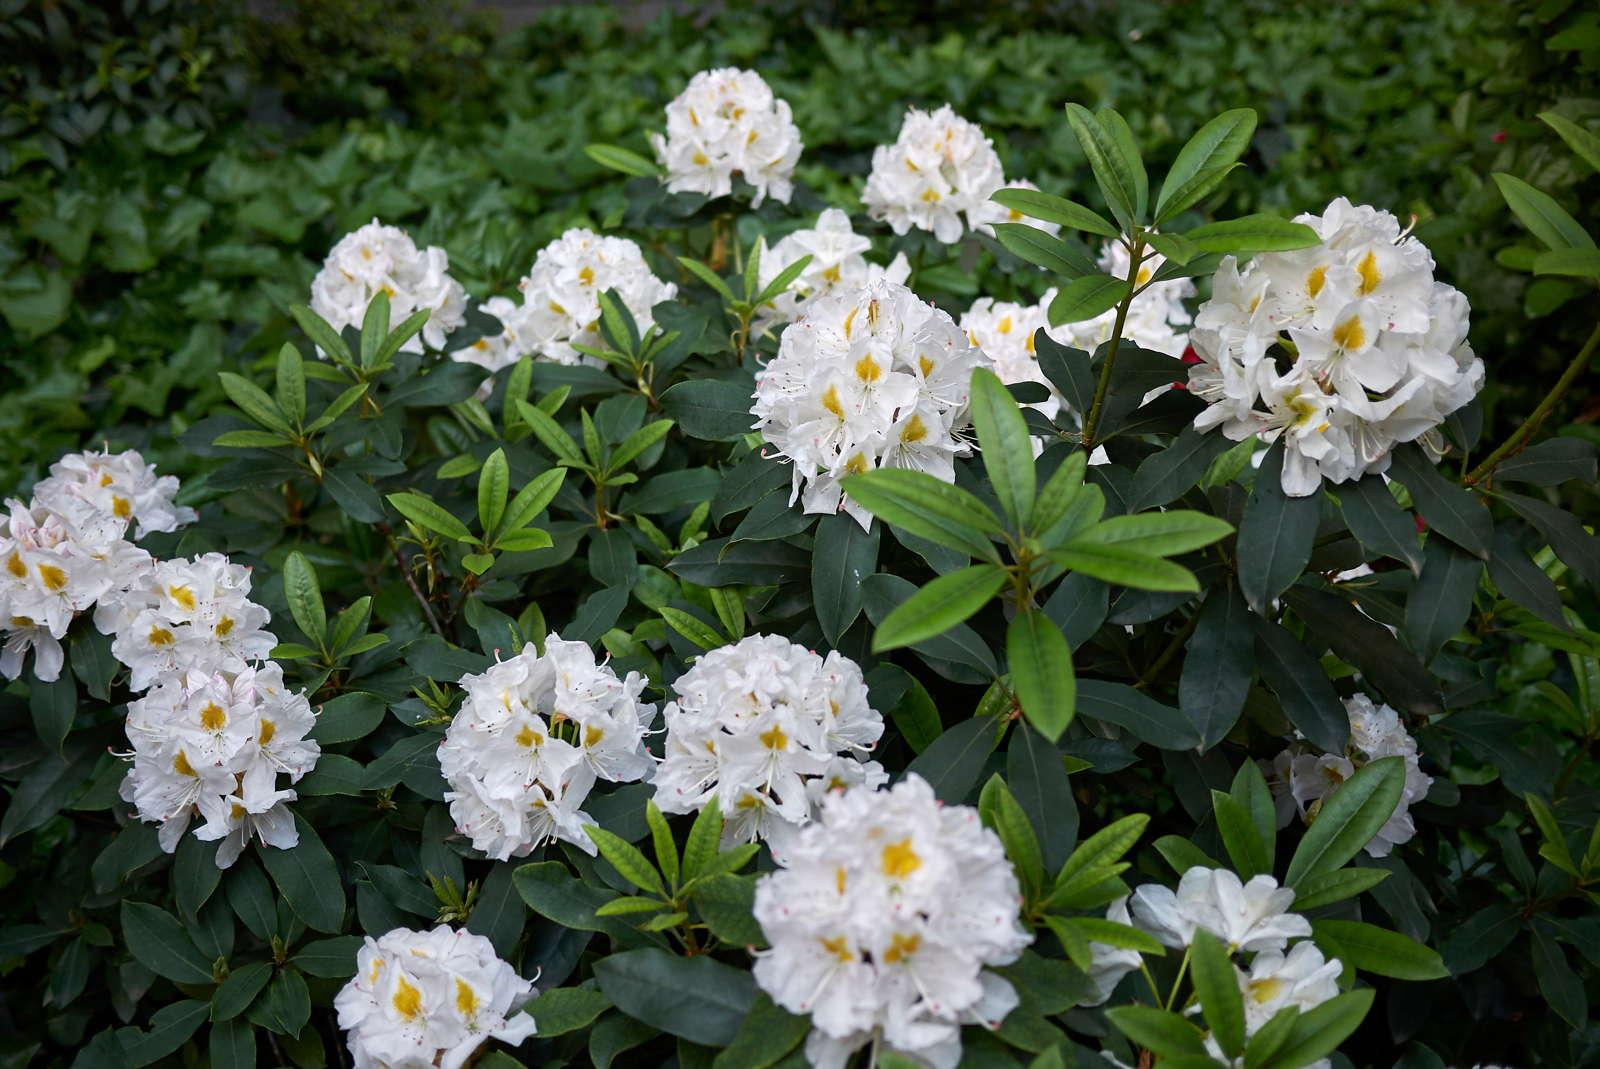 Fabulous Rhododendron umpflanzen: Standort, Tipps & Anleitung - Plantura FR33